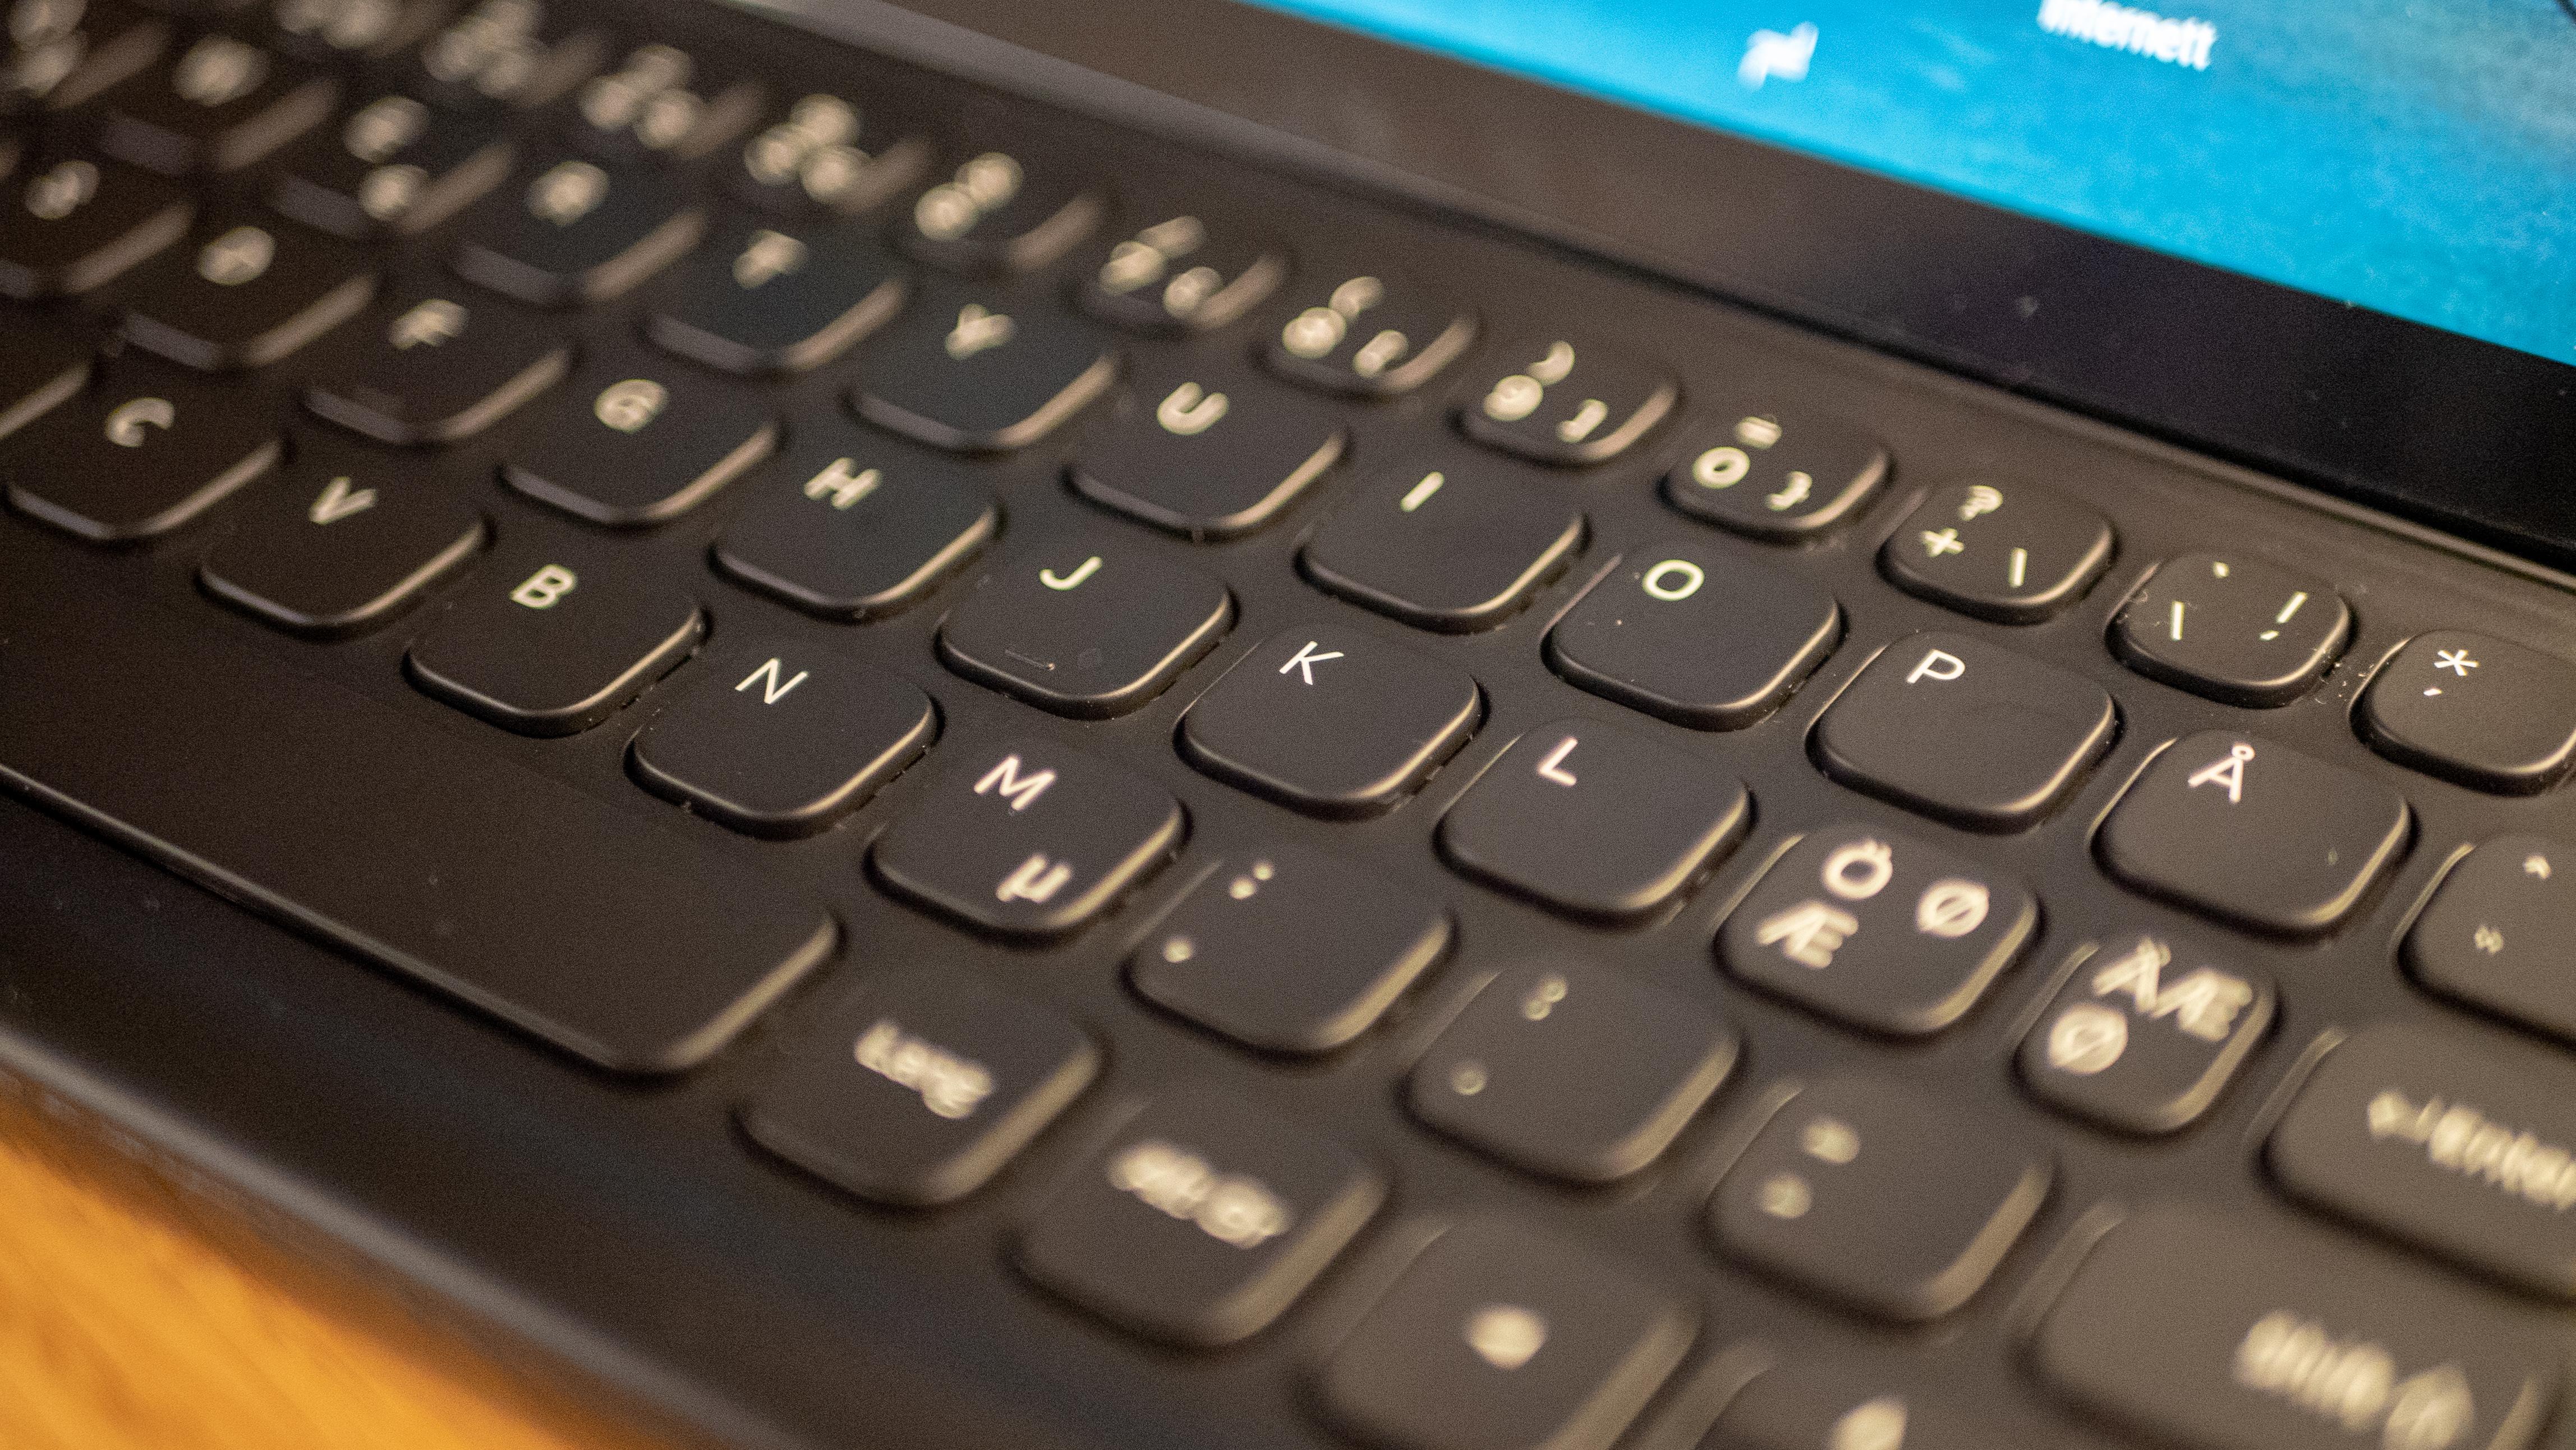 Tastaturet er godt å skrive på, tross de små knappene.